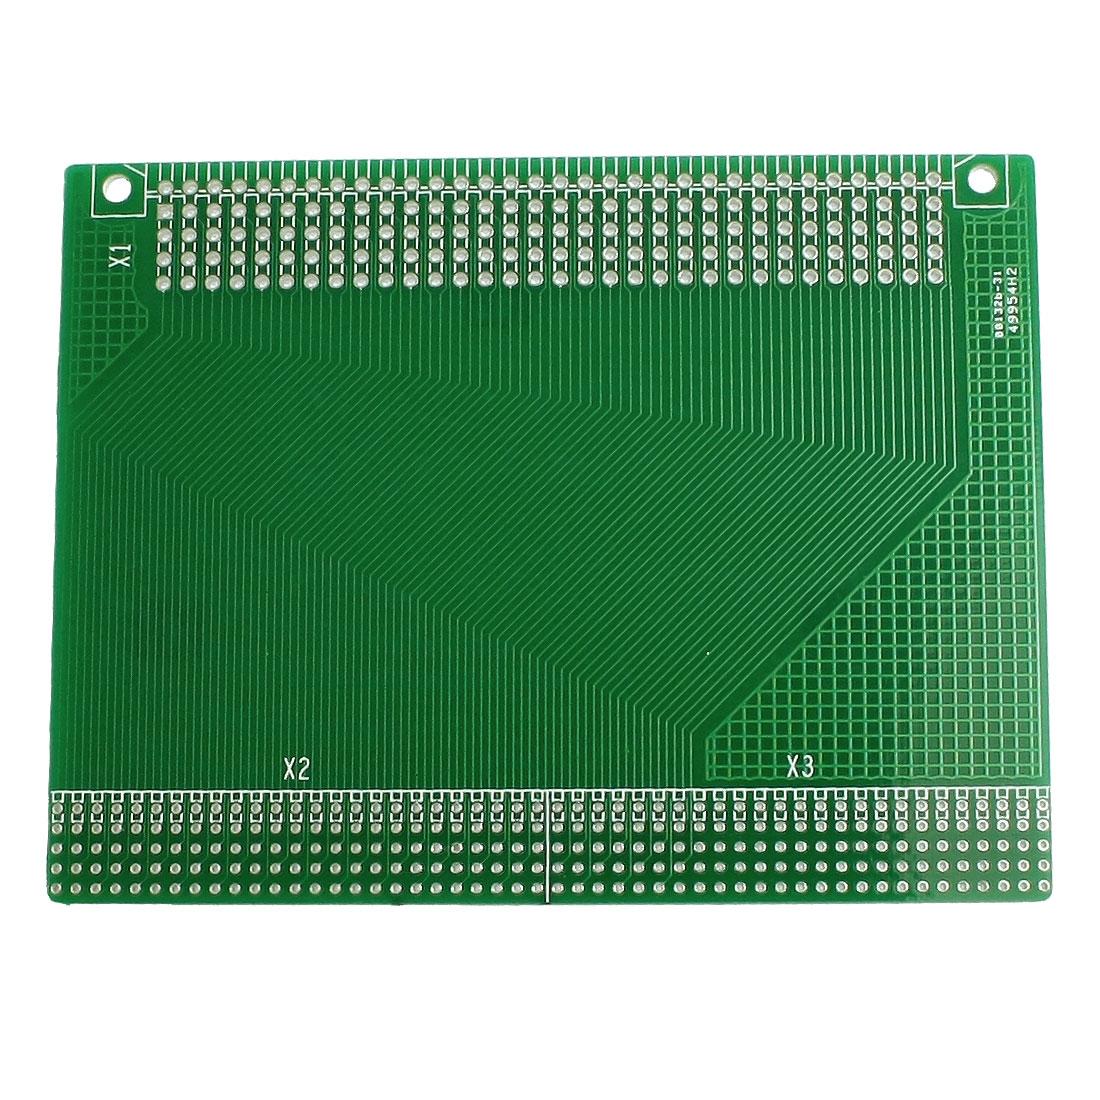 Prototyping Double Side PCB Board Stripboard 98x76mm Green